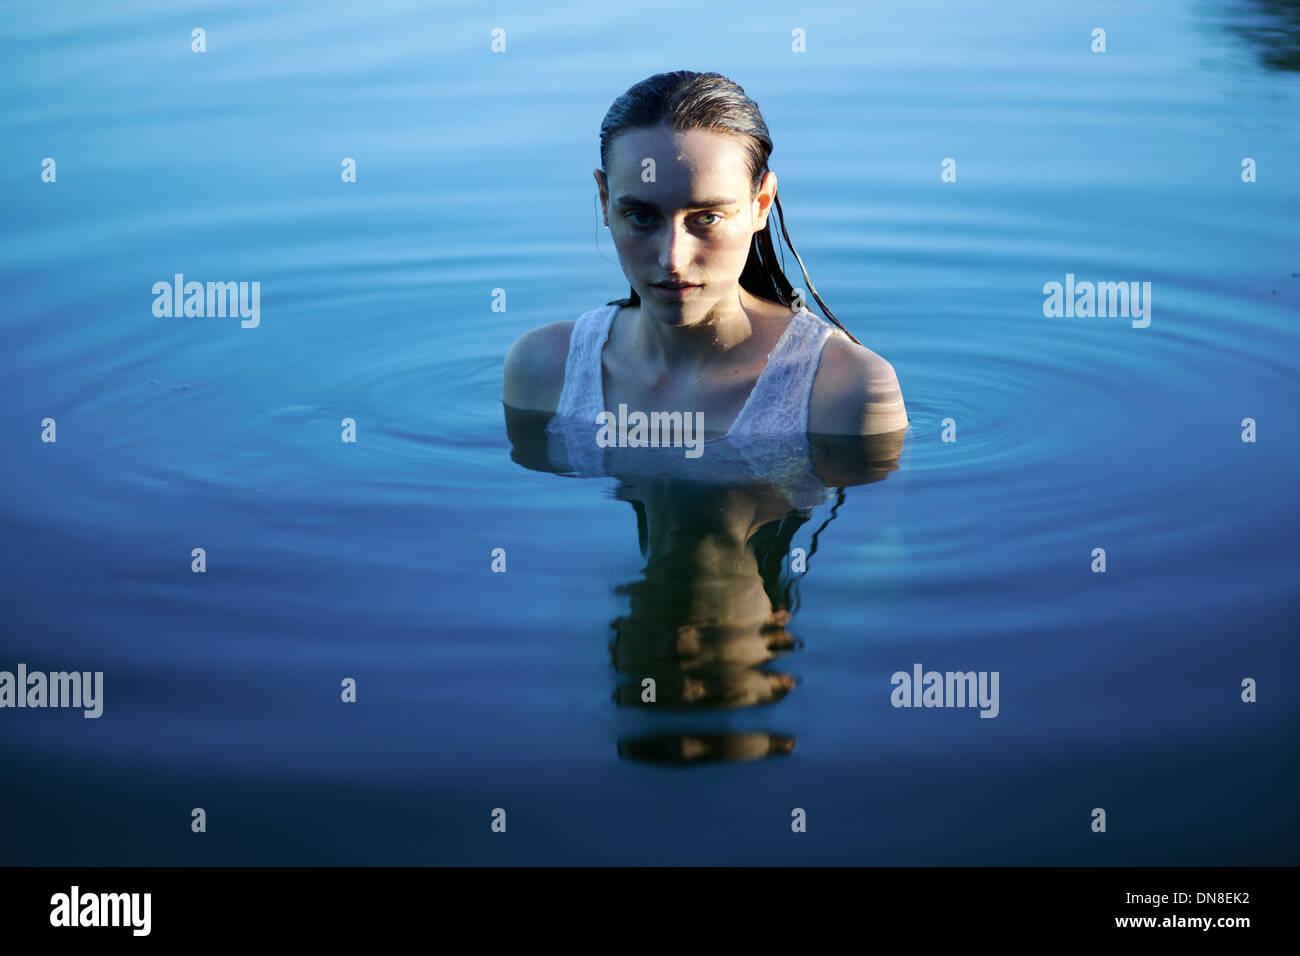 Mujer joven de pie en el agua, vertical Imagen De Stock